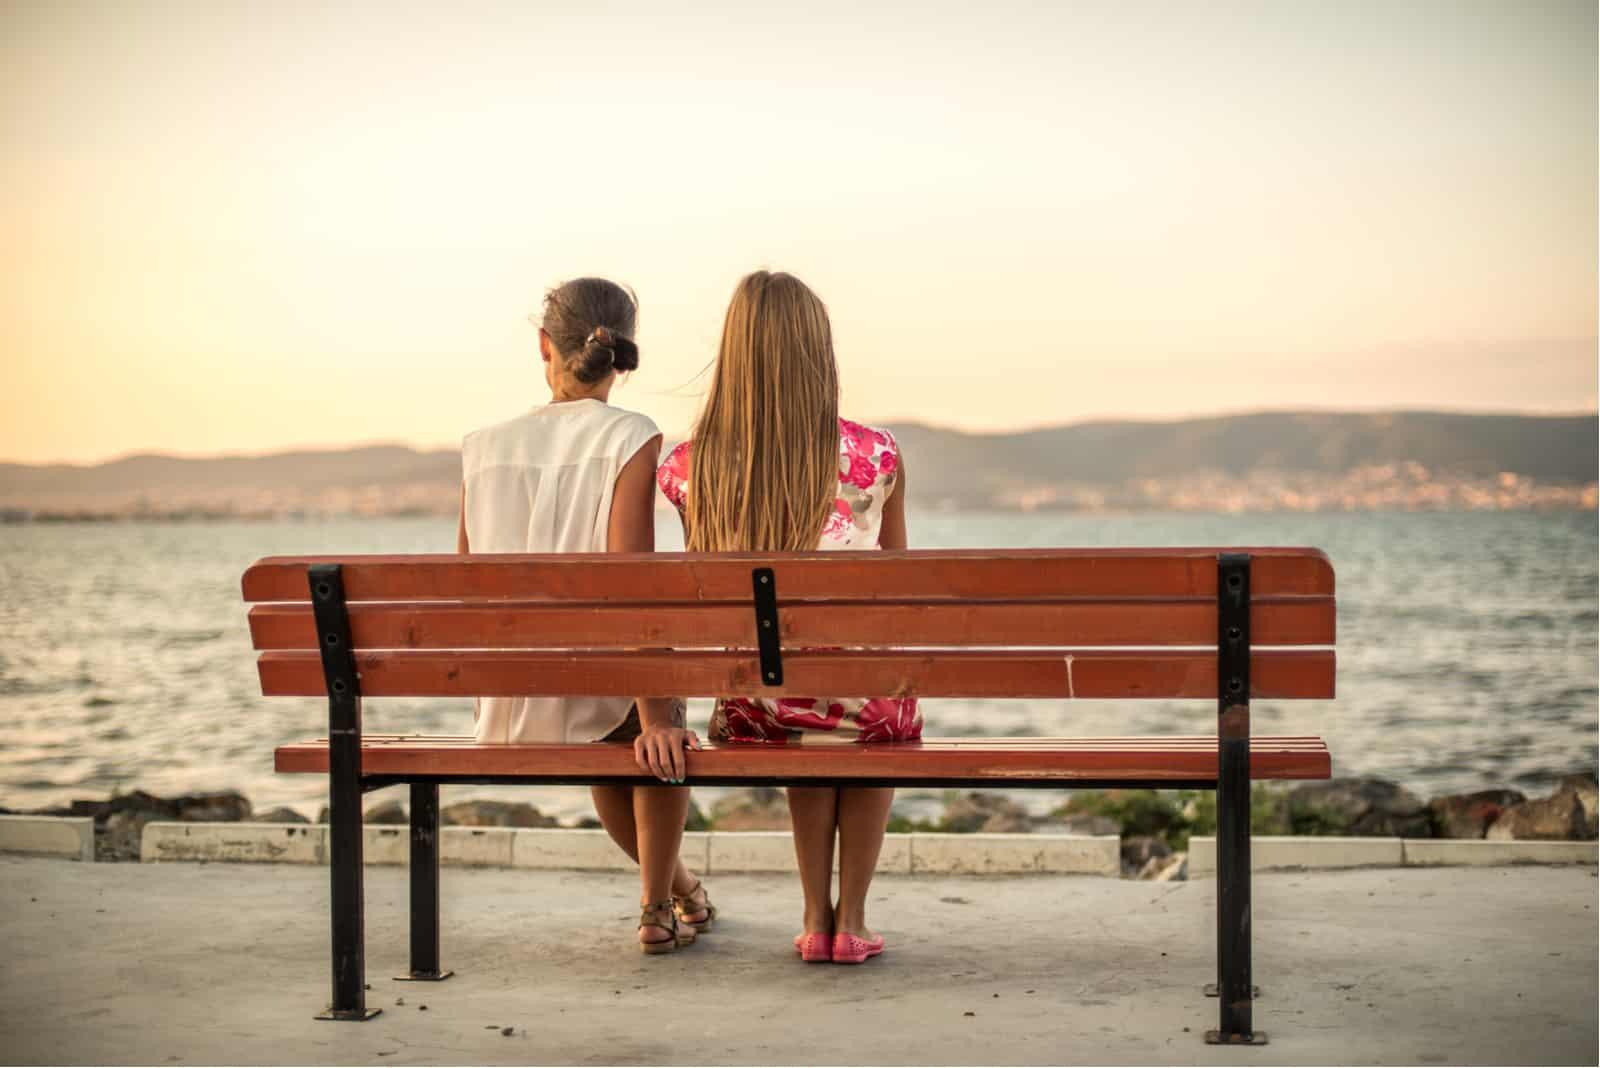 deux amis assis sur un banc en bois